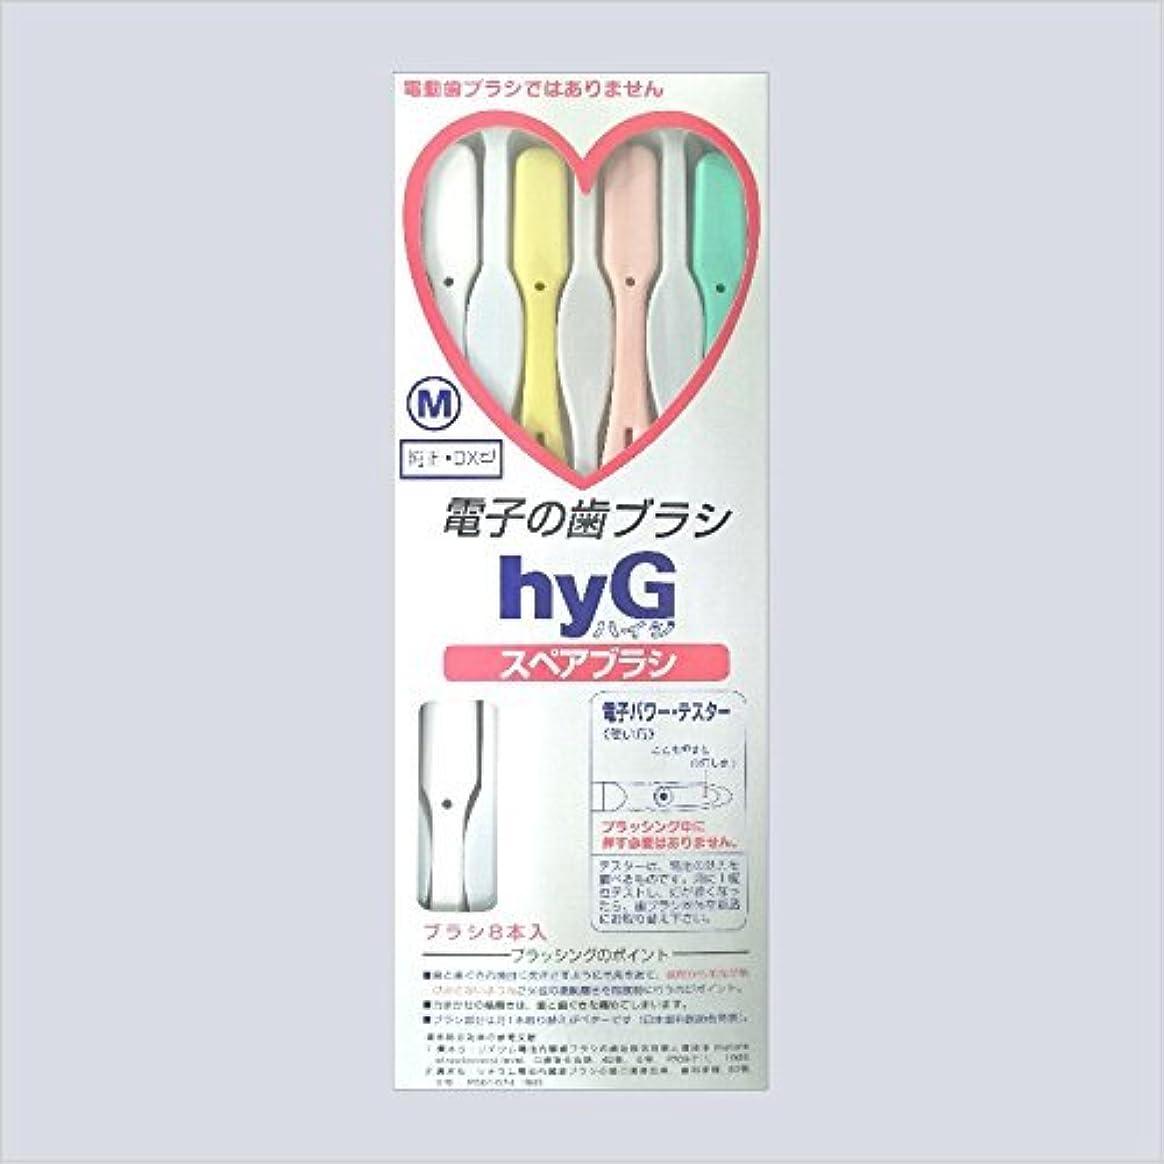 電子の歯ブラシ ハイジ(hyG)?スペアブラシ <ブラシの硬さ:Mふつう> (※こちらは「スペアブラシ」です )?hyG-DX型